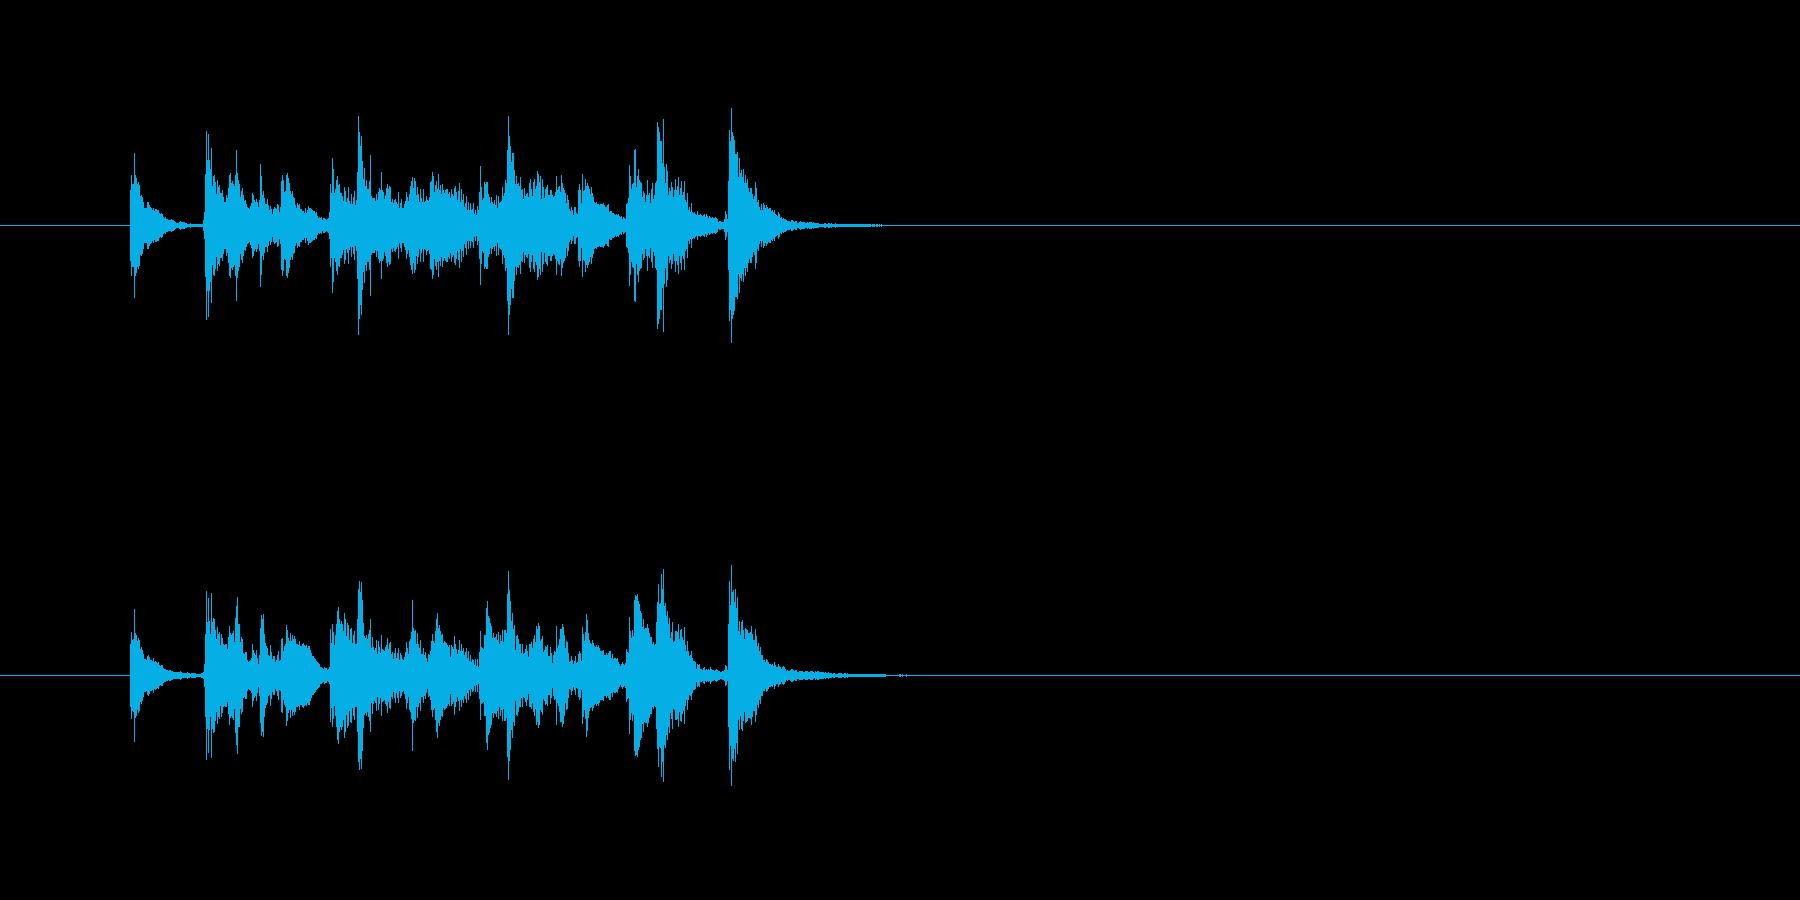 ポップ コミカル サンバホイッスルの再生済みの波形